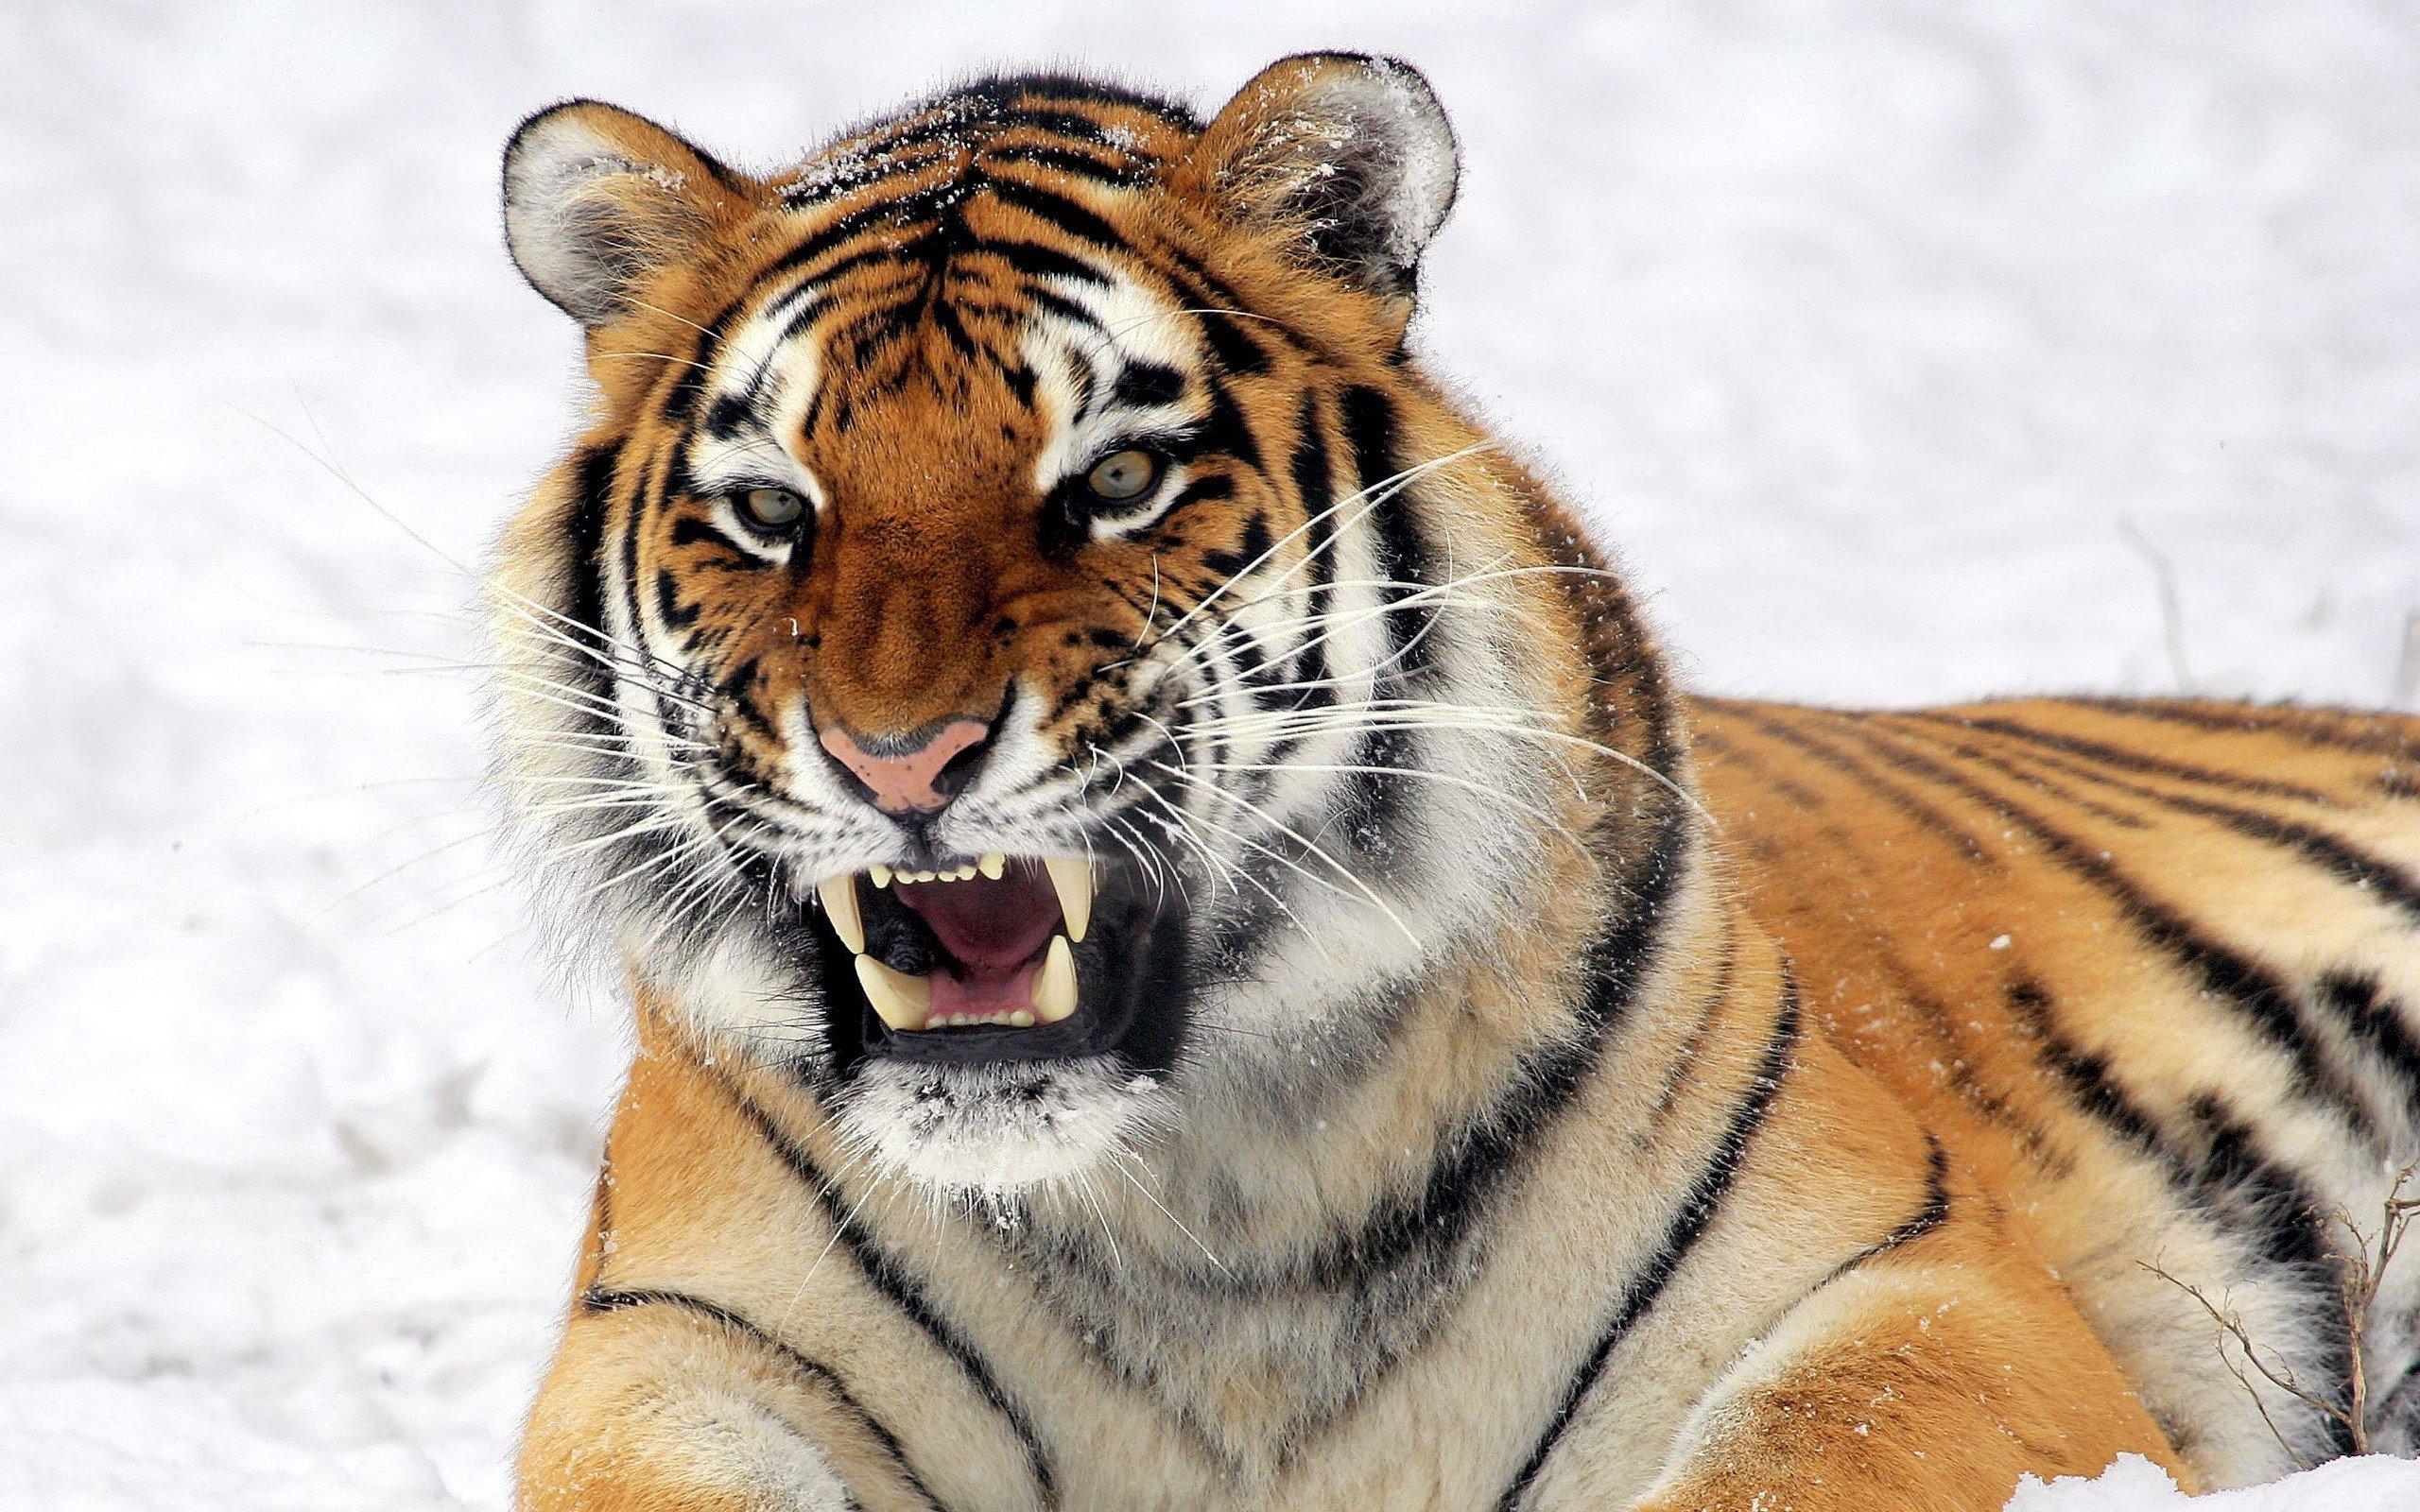 La población mundial de tigres aumentó por primera vez